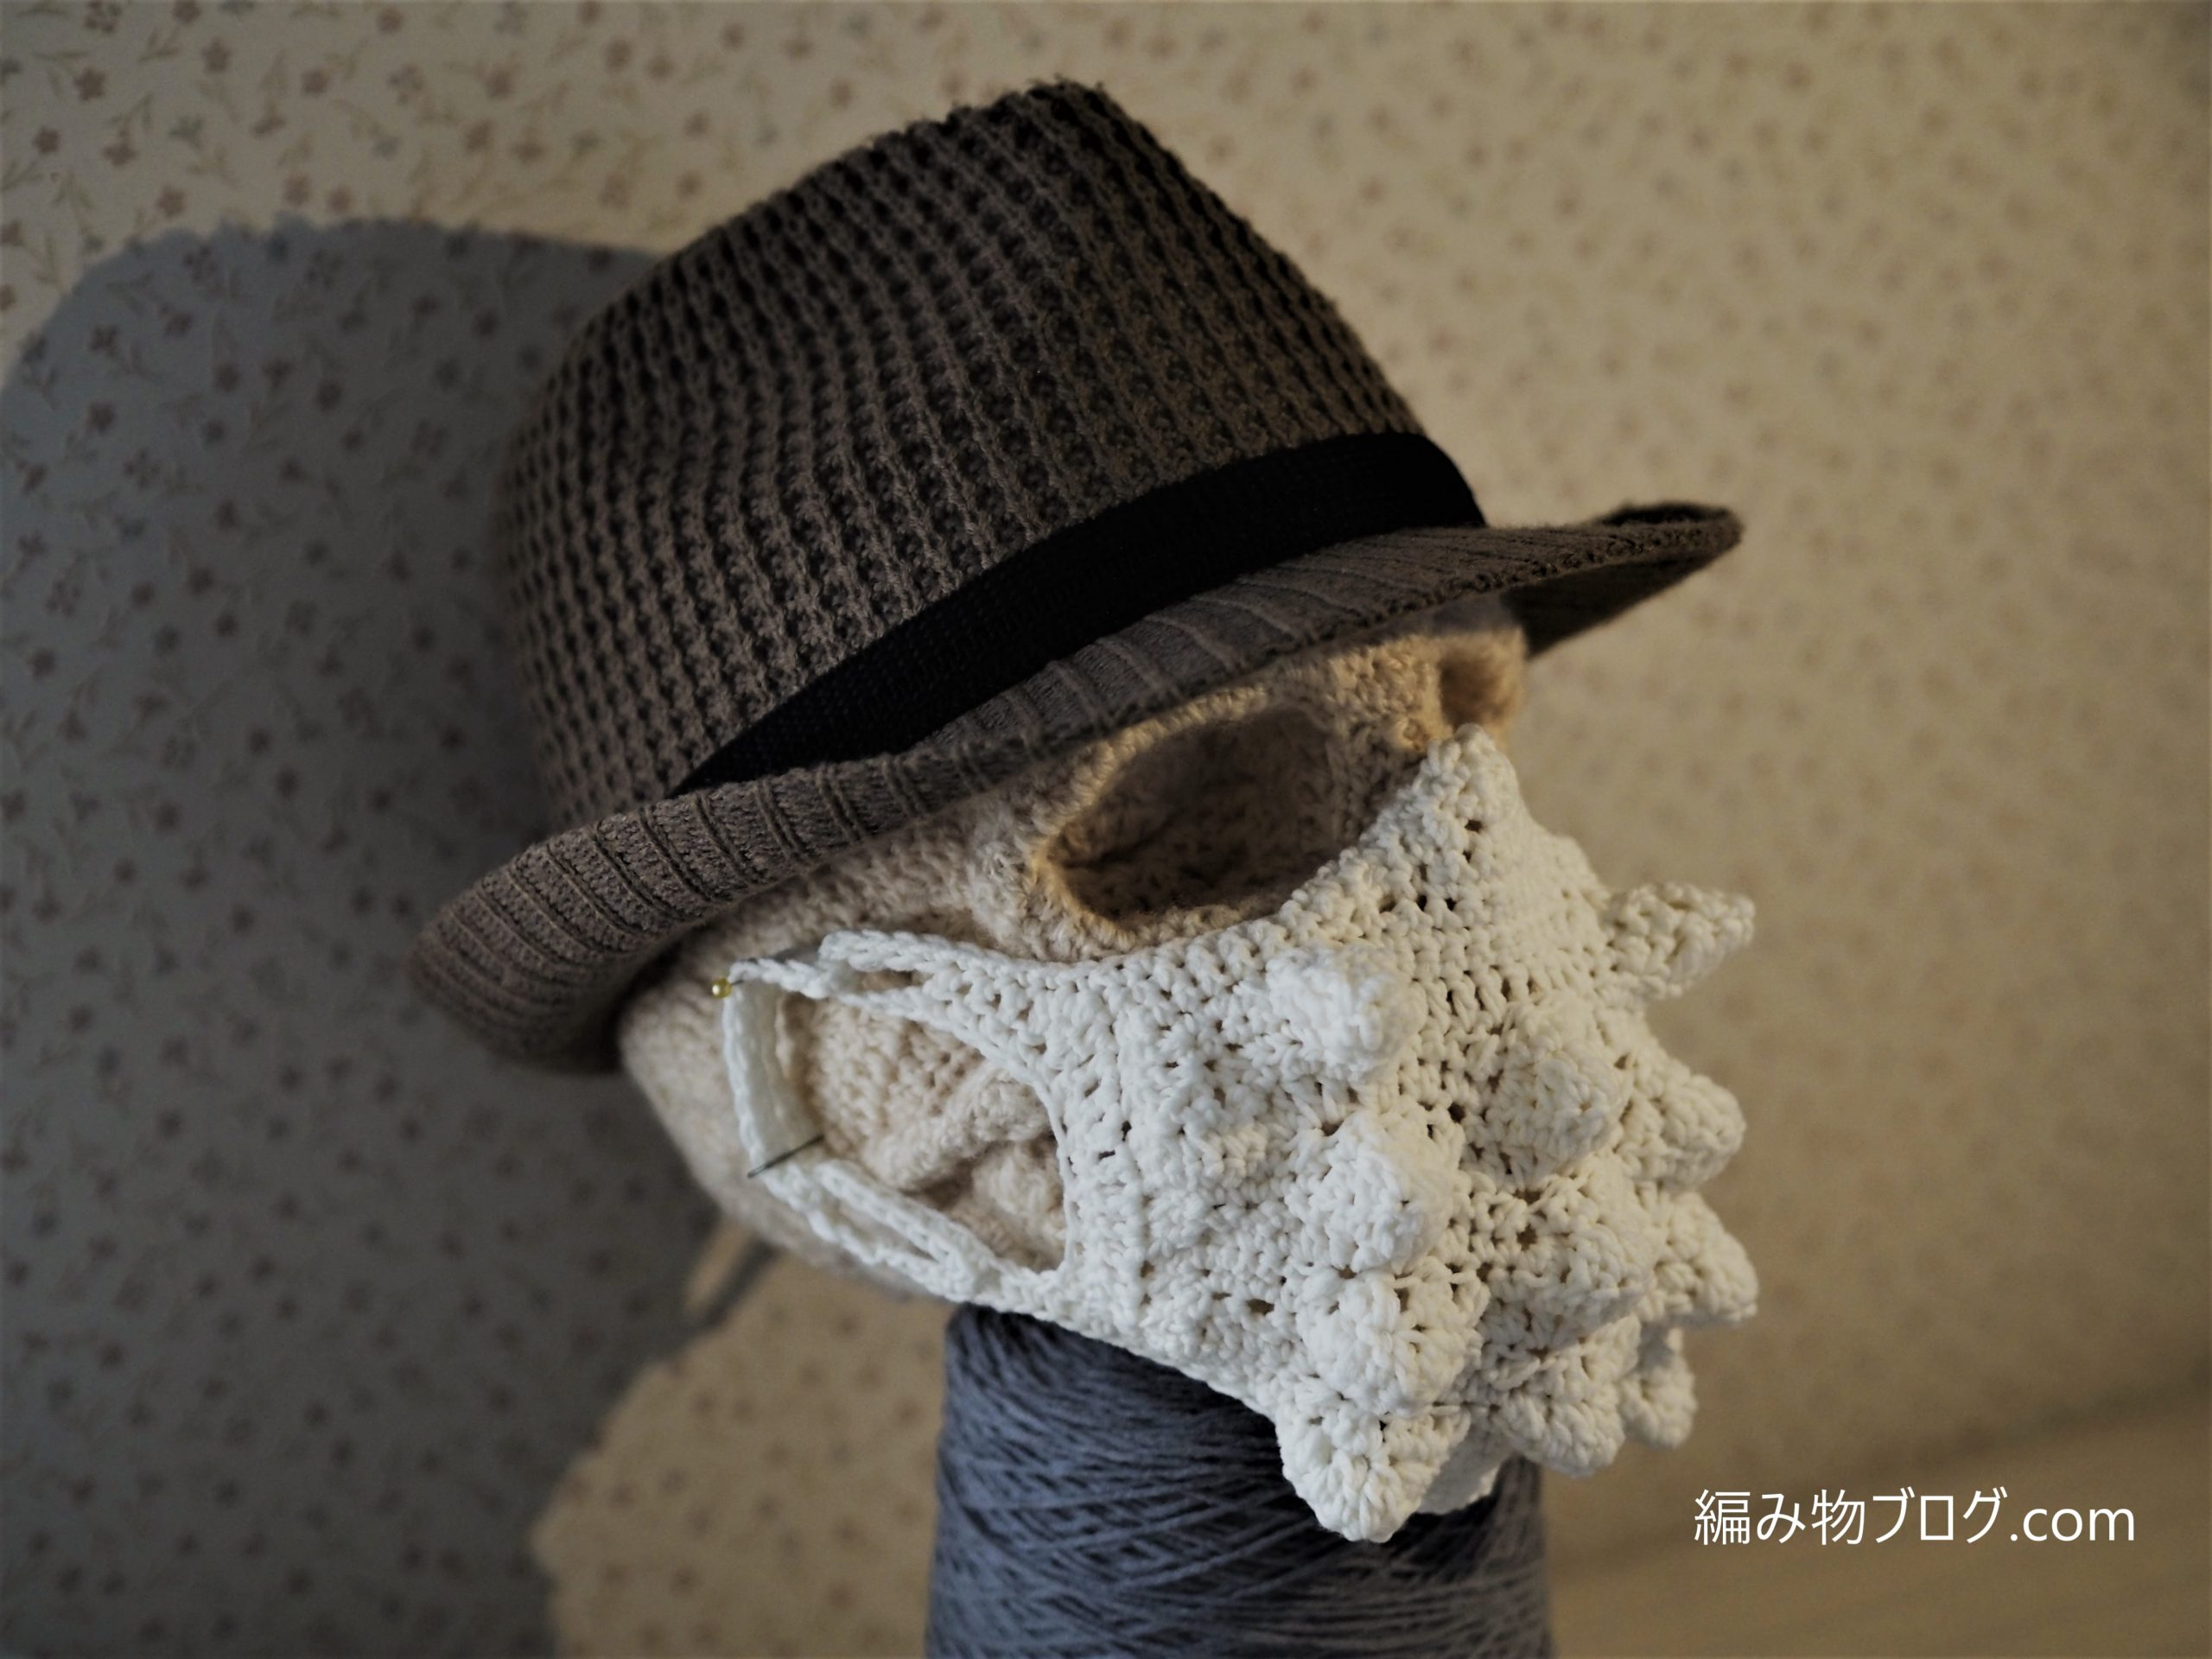 web編み物教室:ボコボコ編地の応用、世紀末マスクを編む